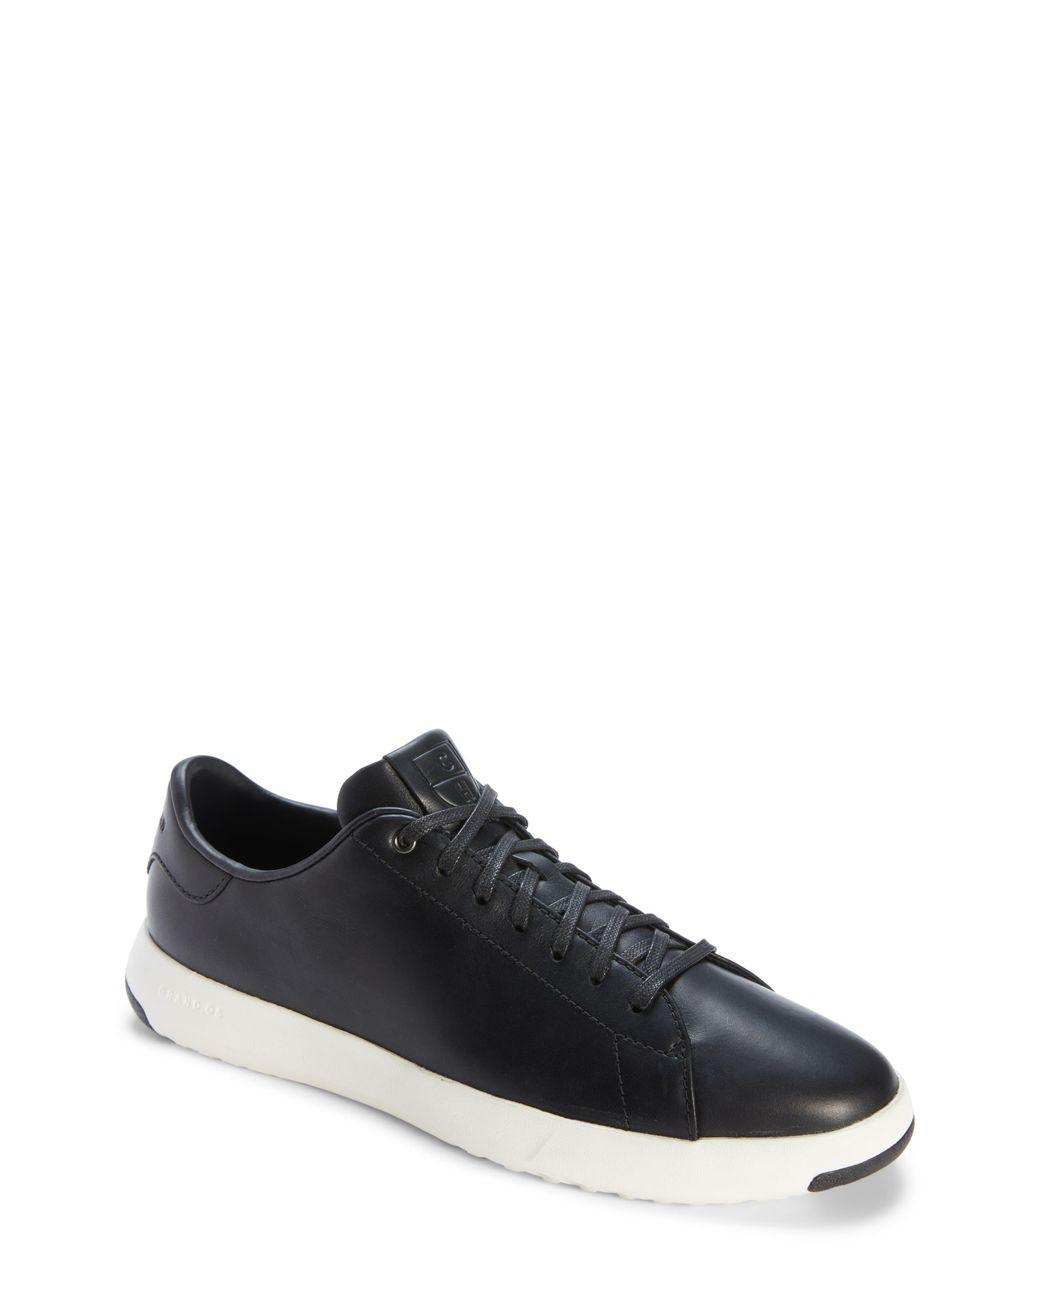 Cole Haan Grandpro Low Top Sneaker in